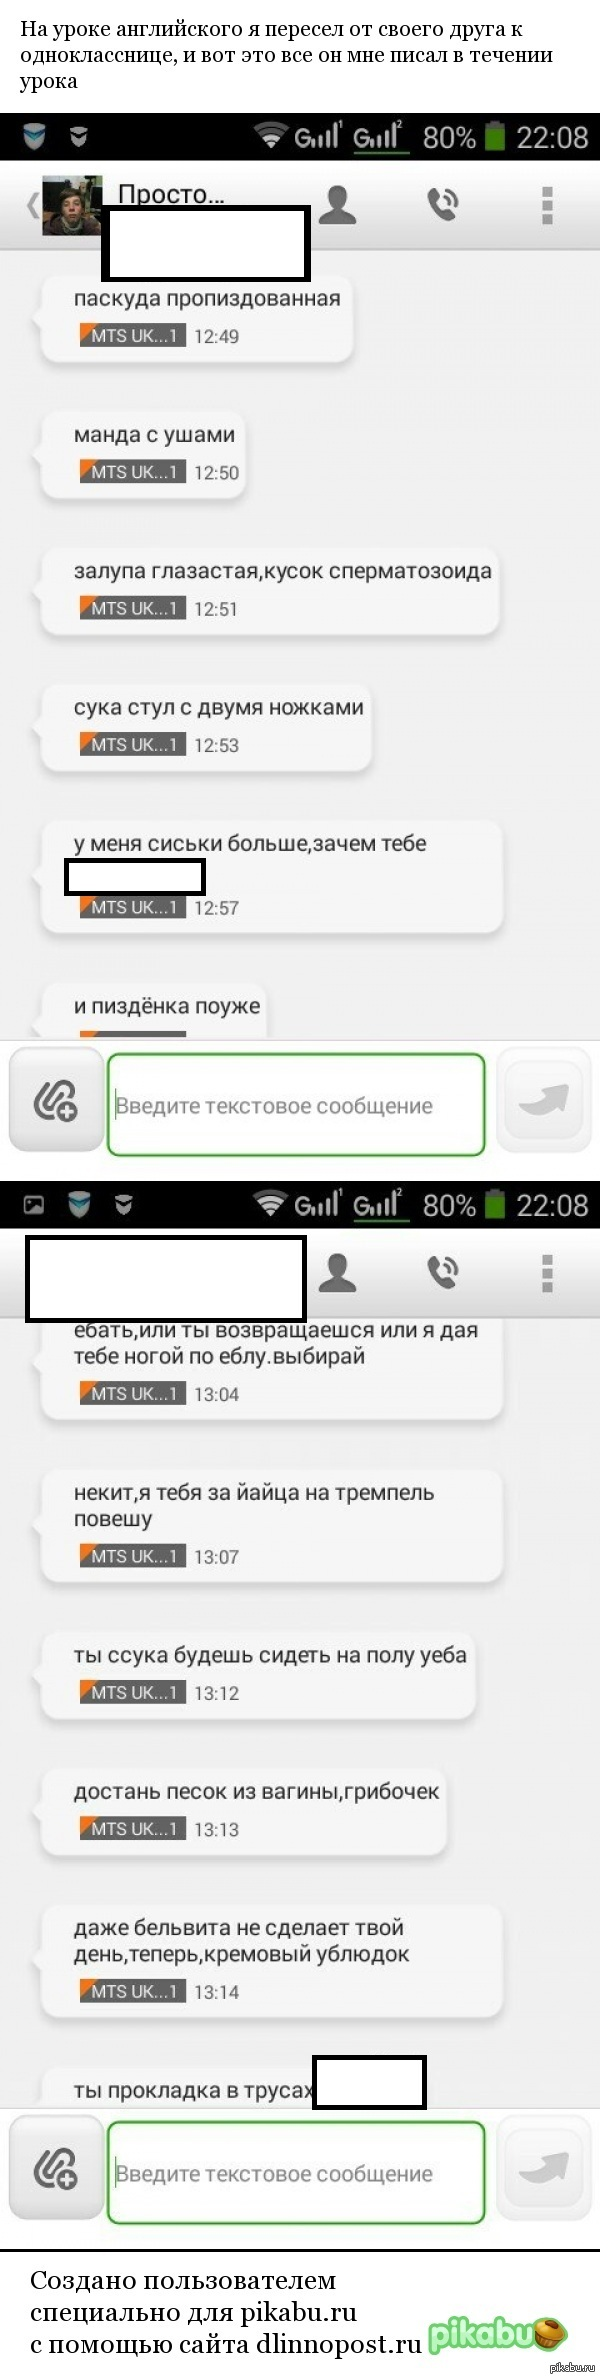 Мой друг умеет ругаться)